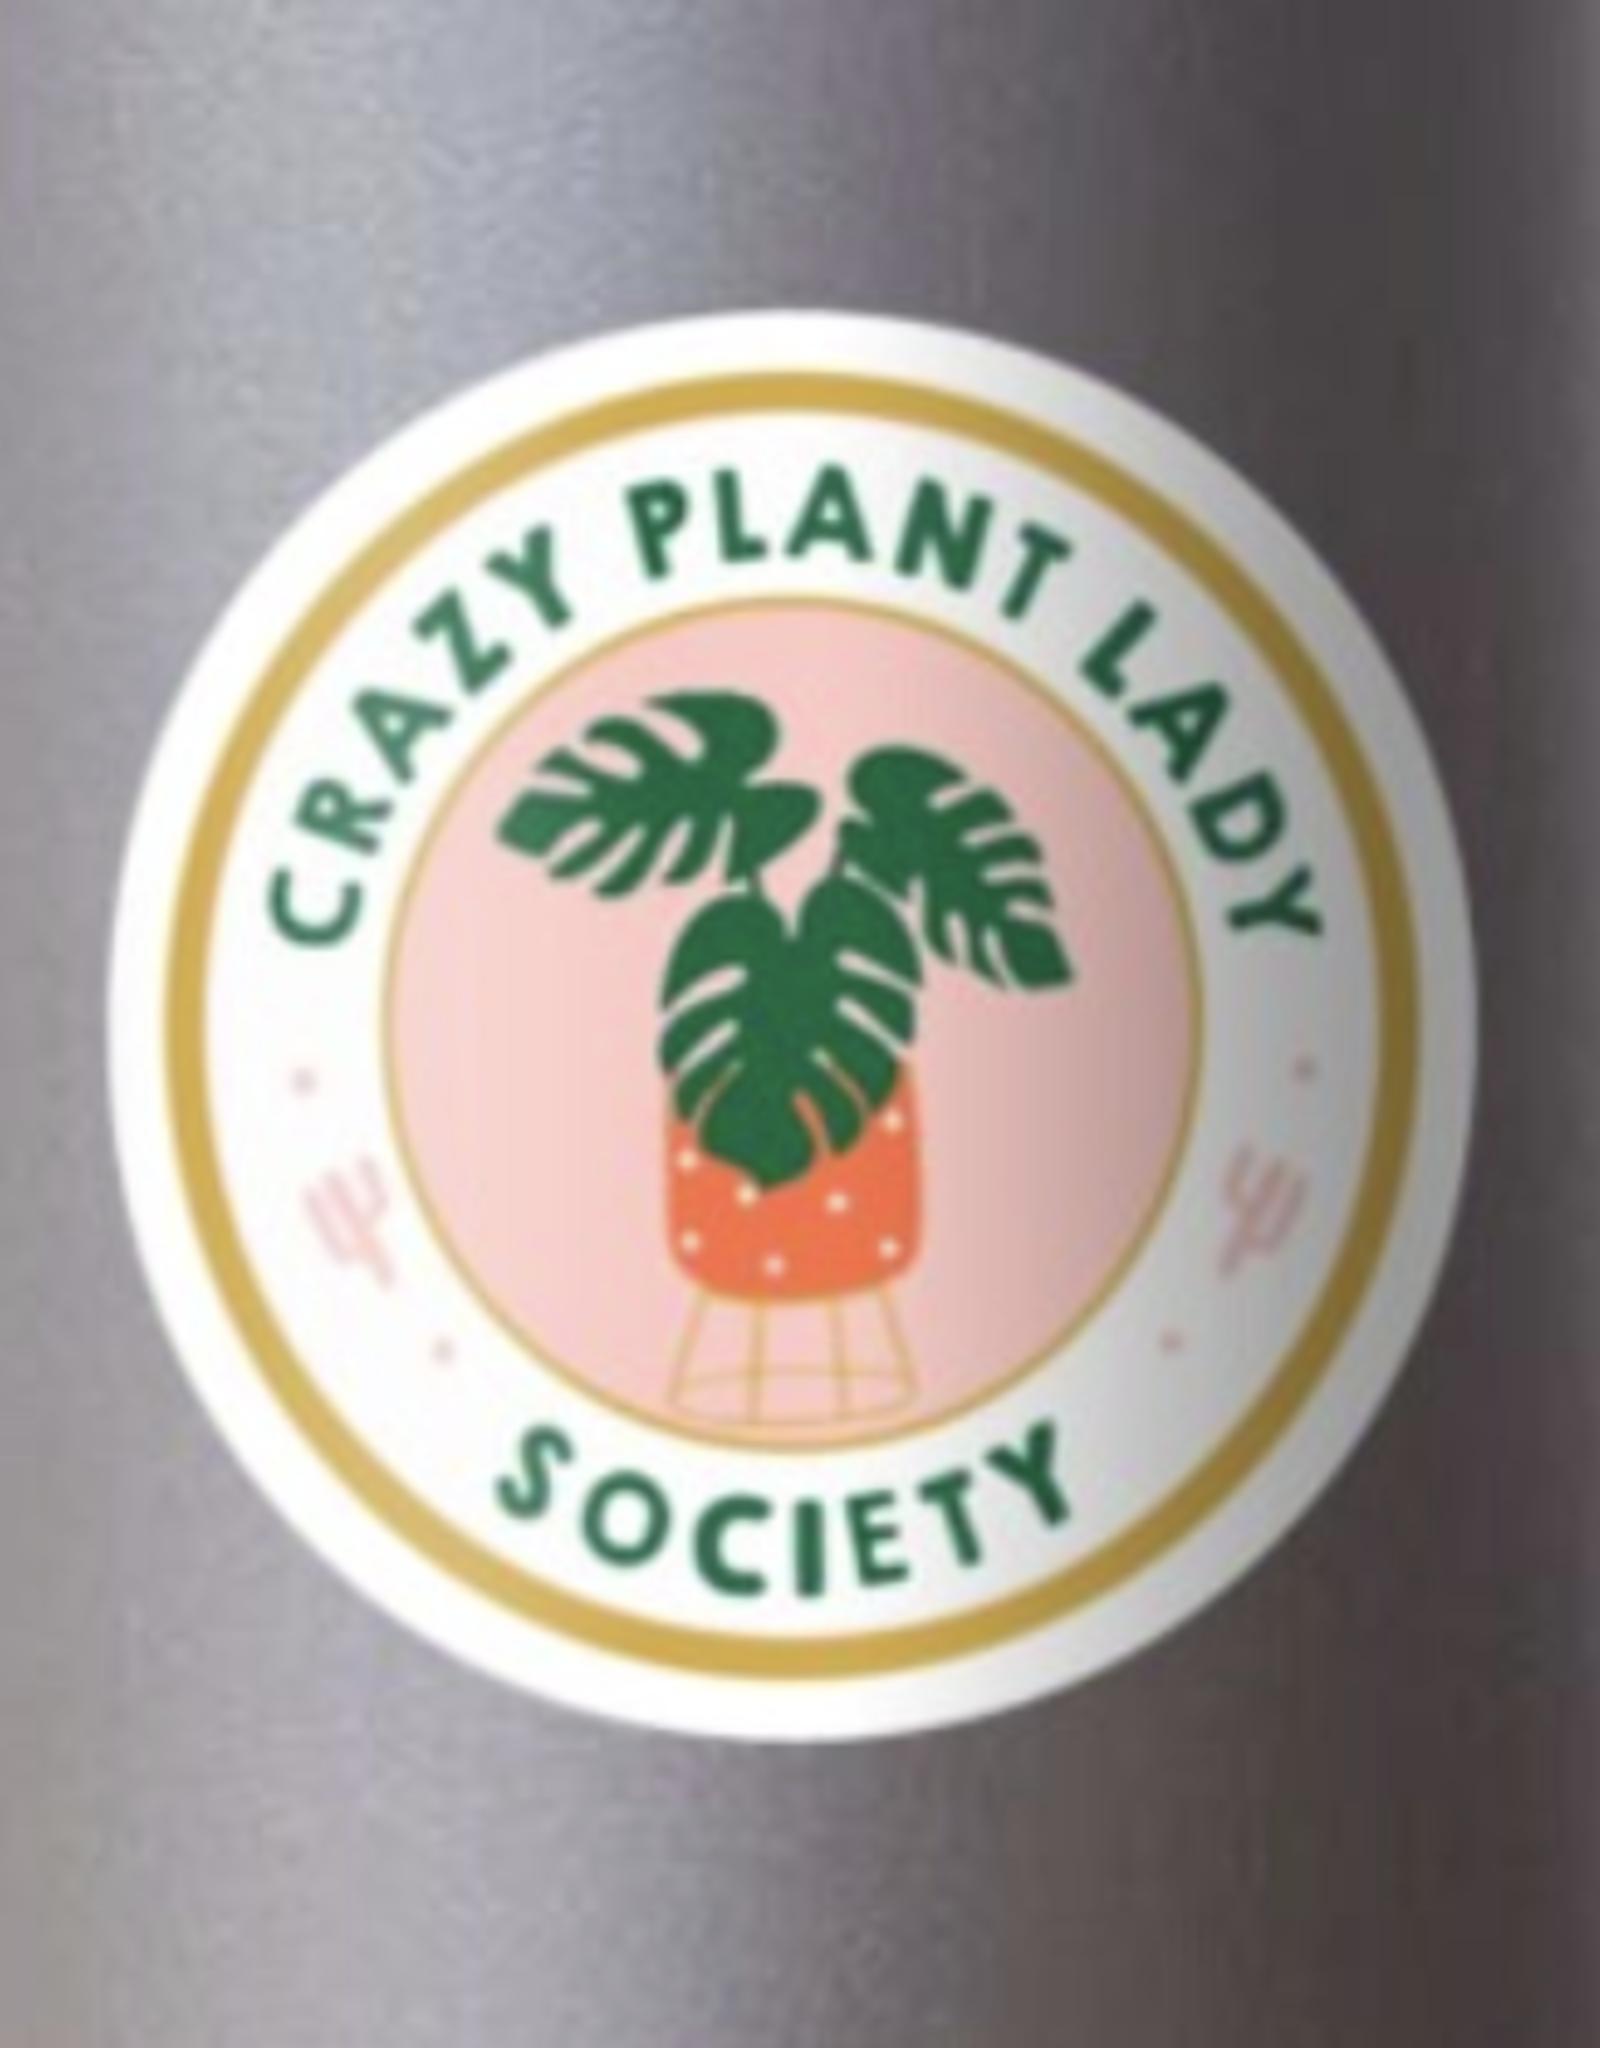 Crazy Plant Lady Society Sticker